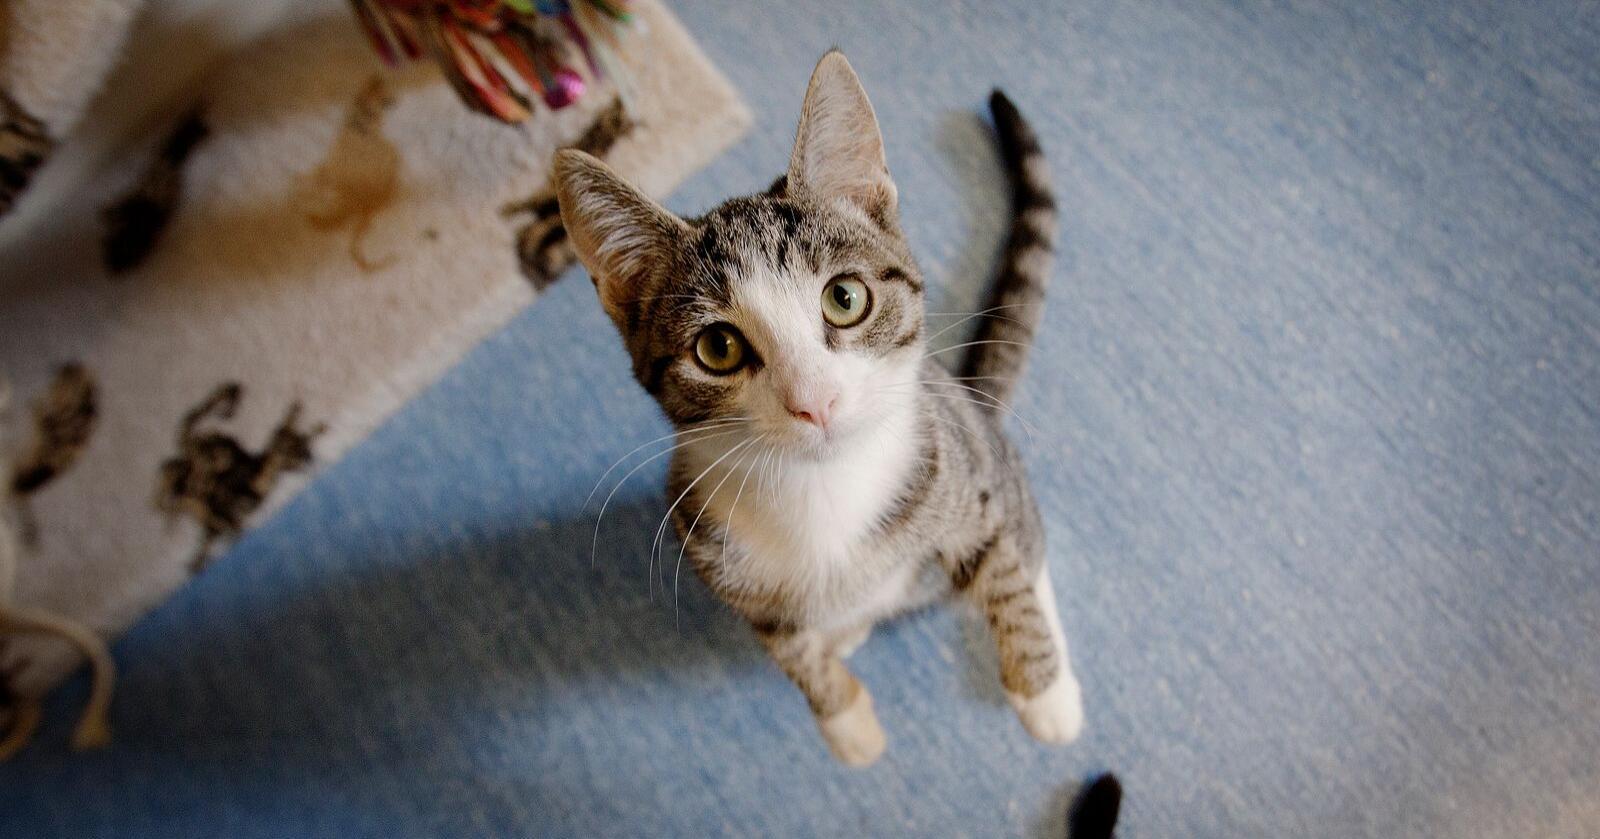 Flest katter fikk hjelp fra Dyrebeskyttelsen i 2019. Foto: Linn Cathrin Olsen / NTB scanpix